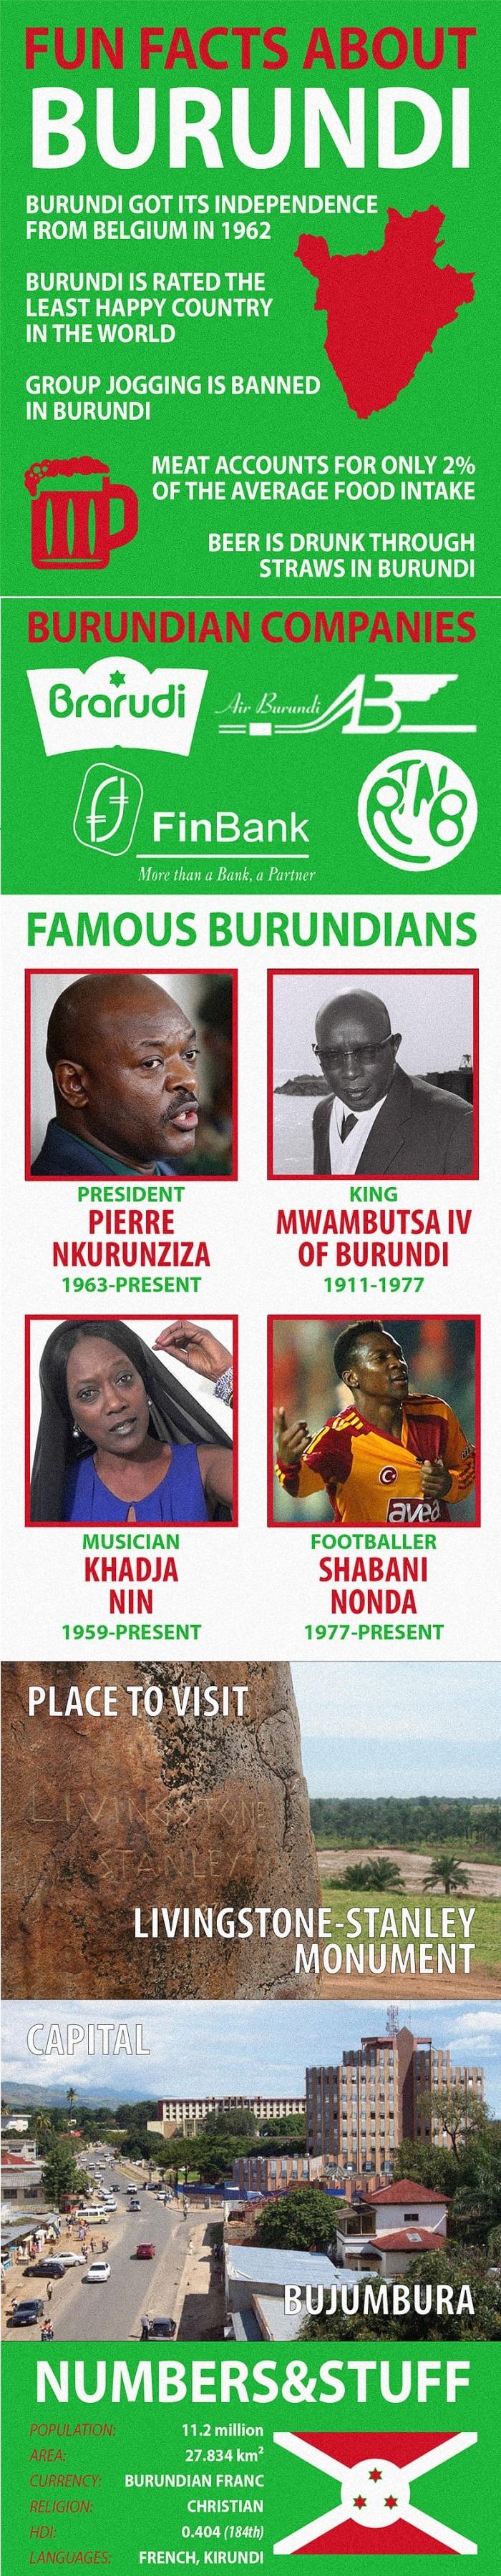 Facts about Burundi